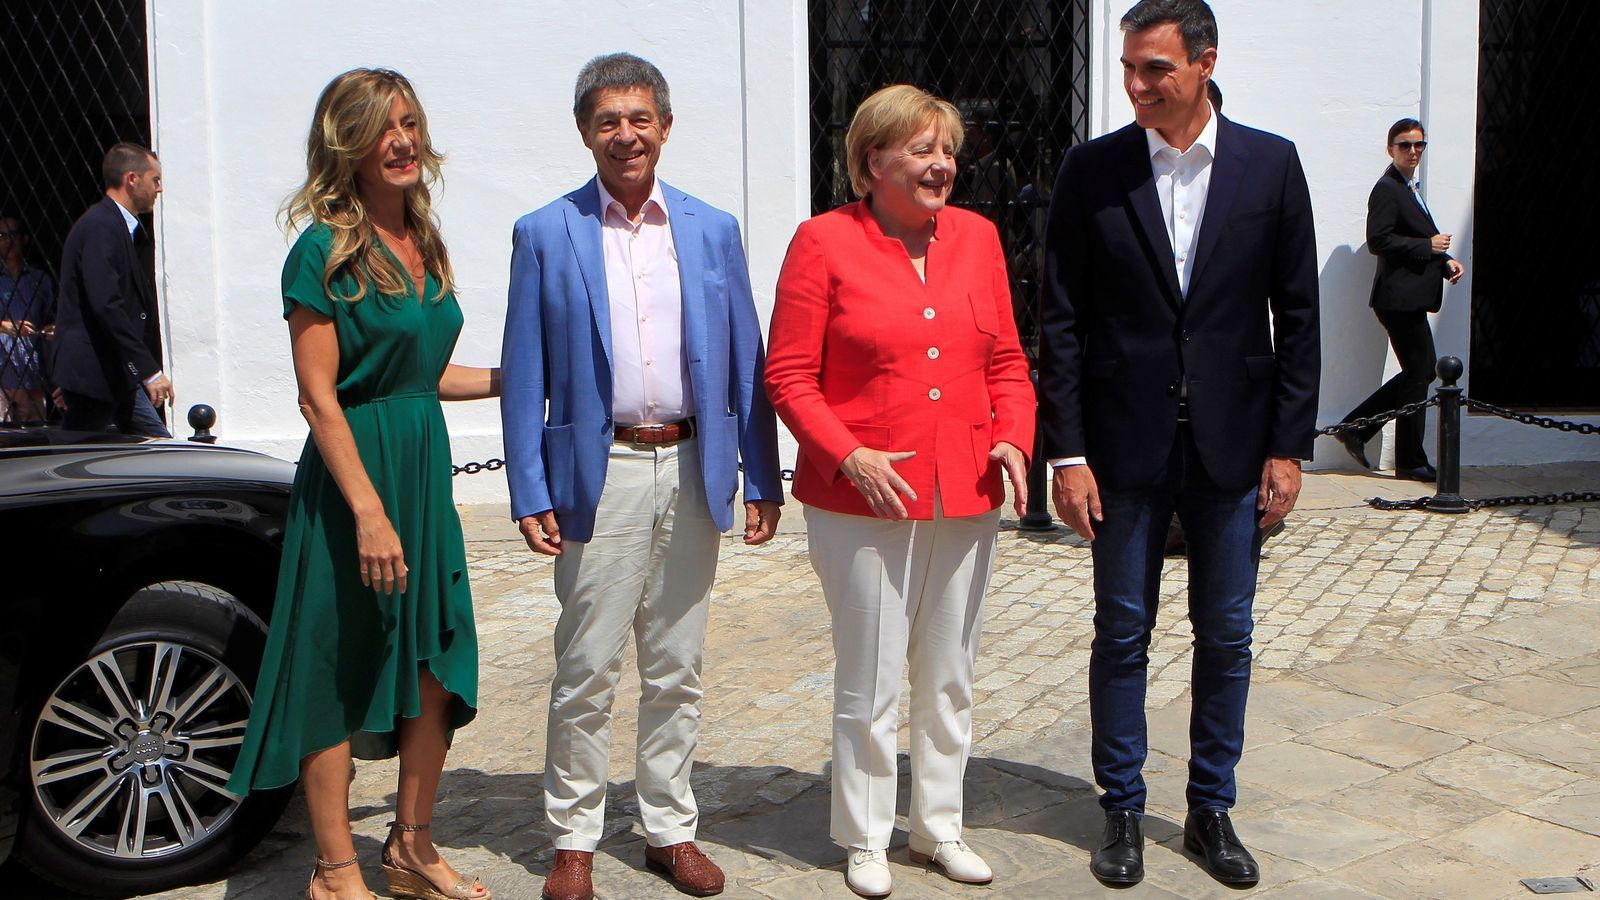 La cancellera alemanya, Angela Merkel, i el seu marit, Joachim Sauer, rebuts a l'entrada del Palacio de los Guzmanes pel president espanyol, Pedro Sánchez, i la seva dona, Begoña Gómez